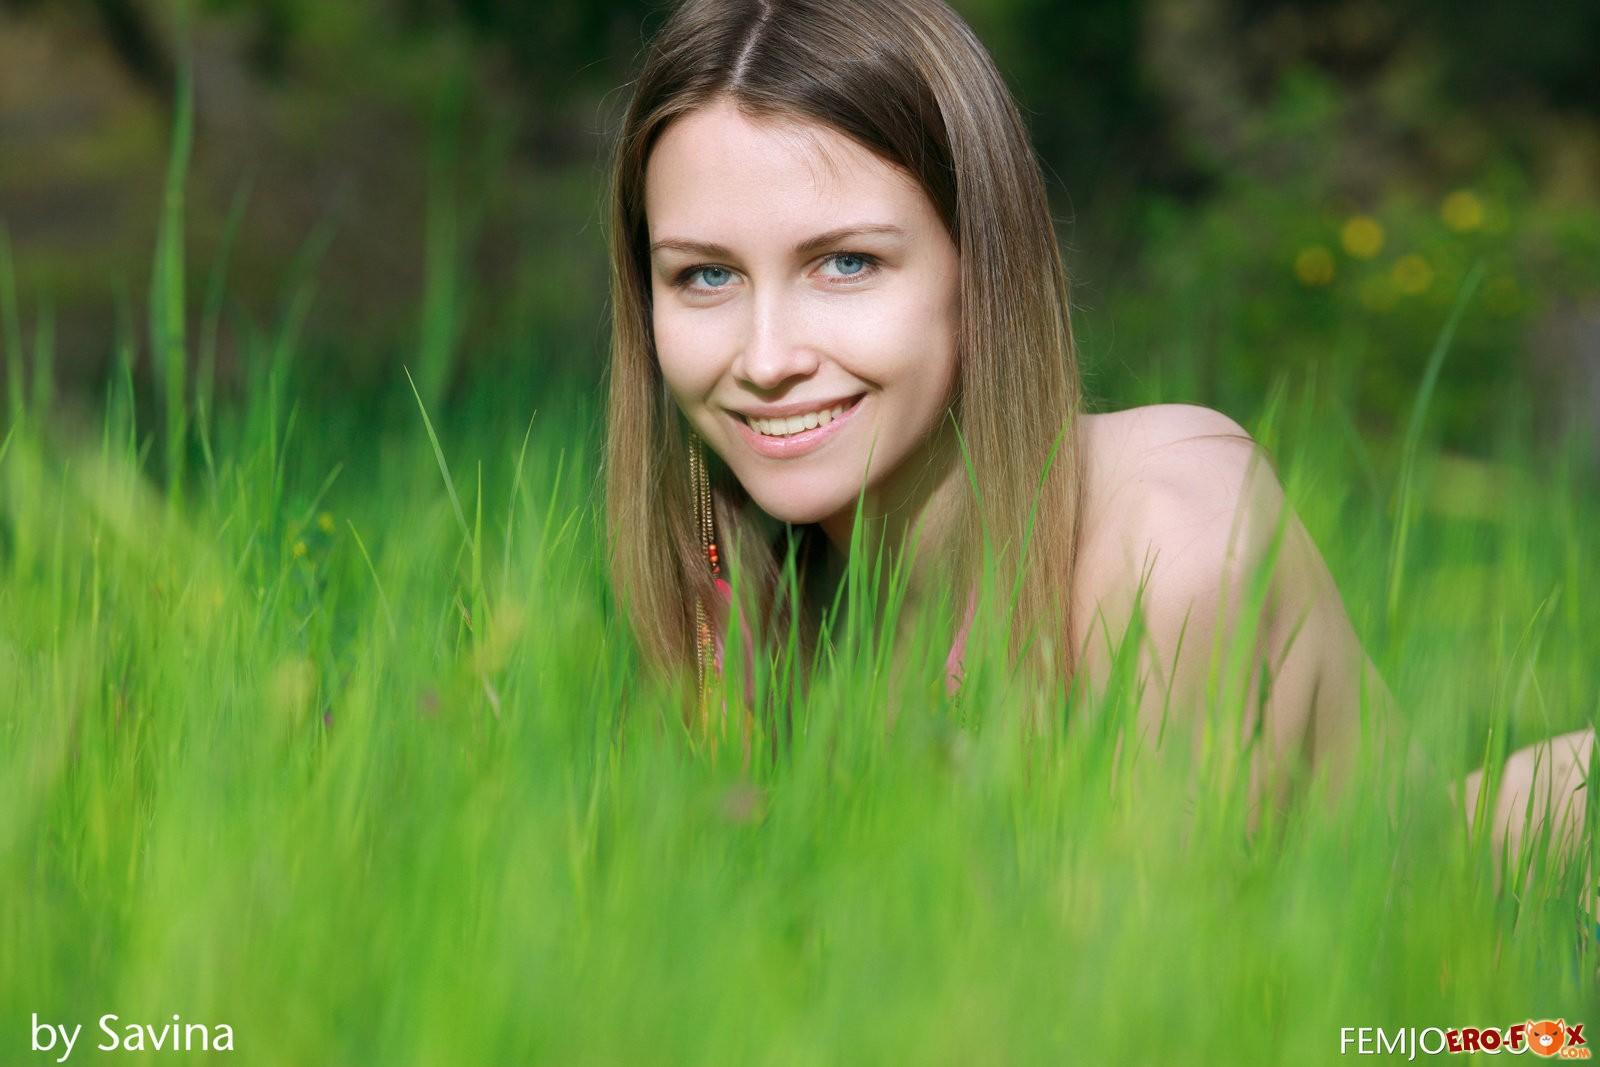 Красивая голая девушка в траве под ёлкой